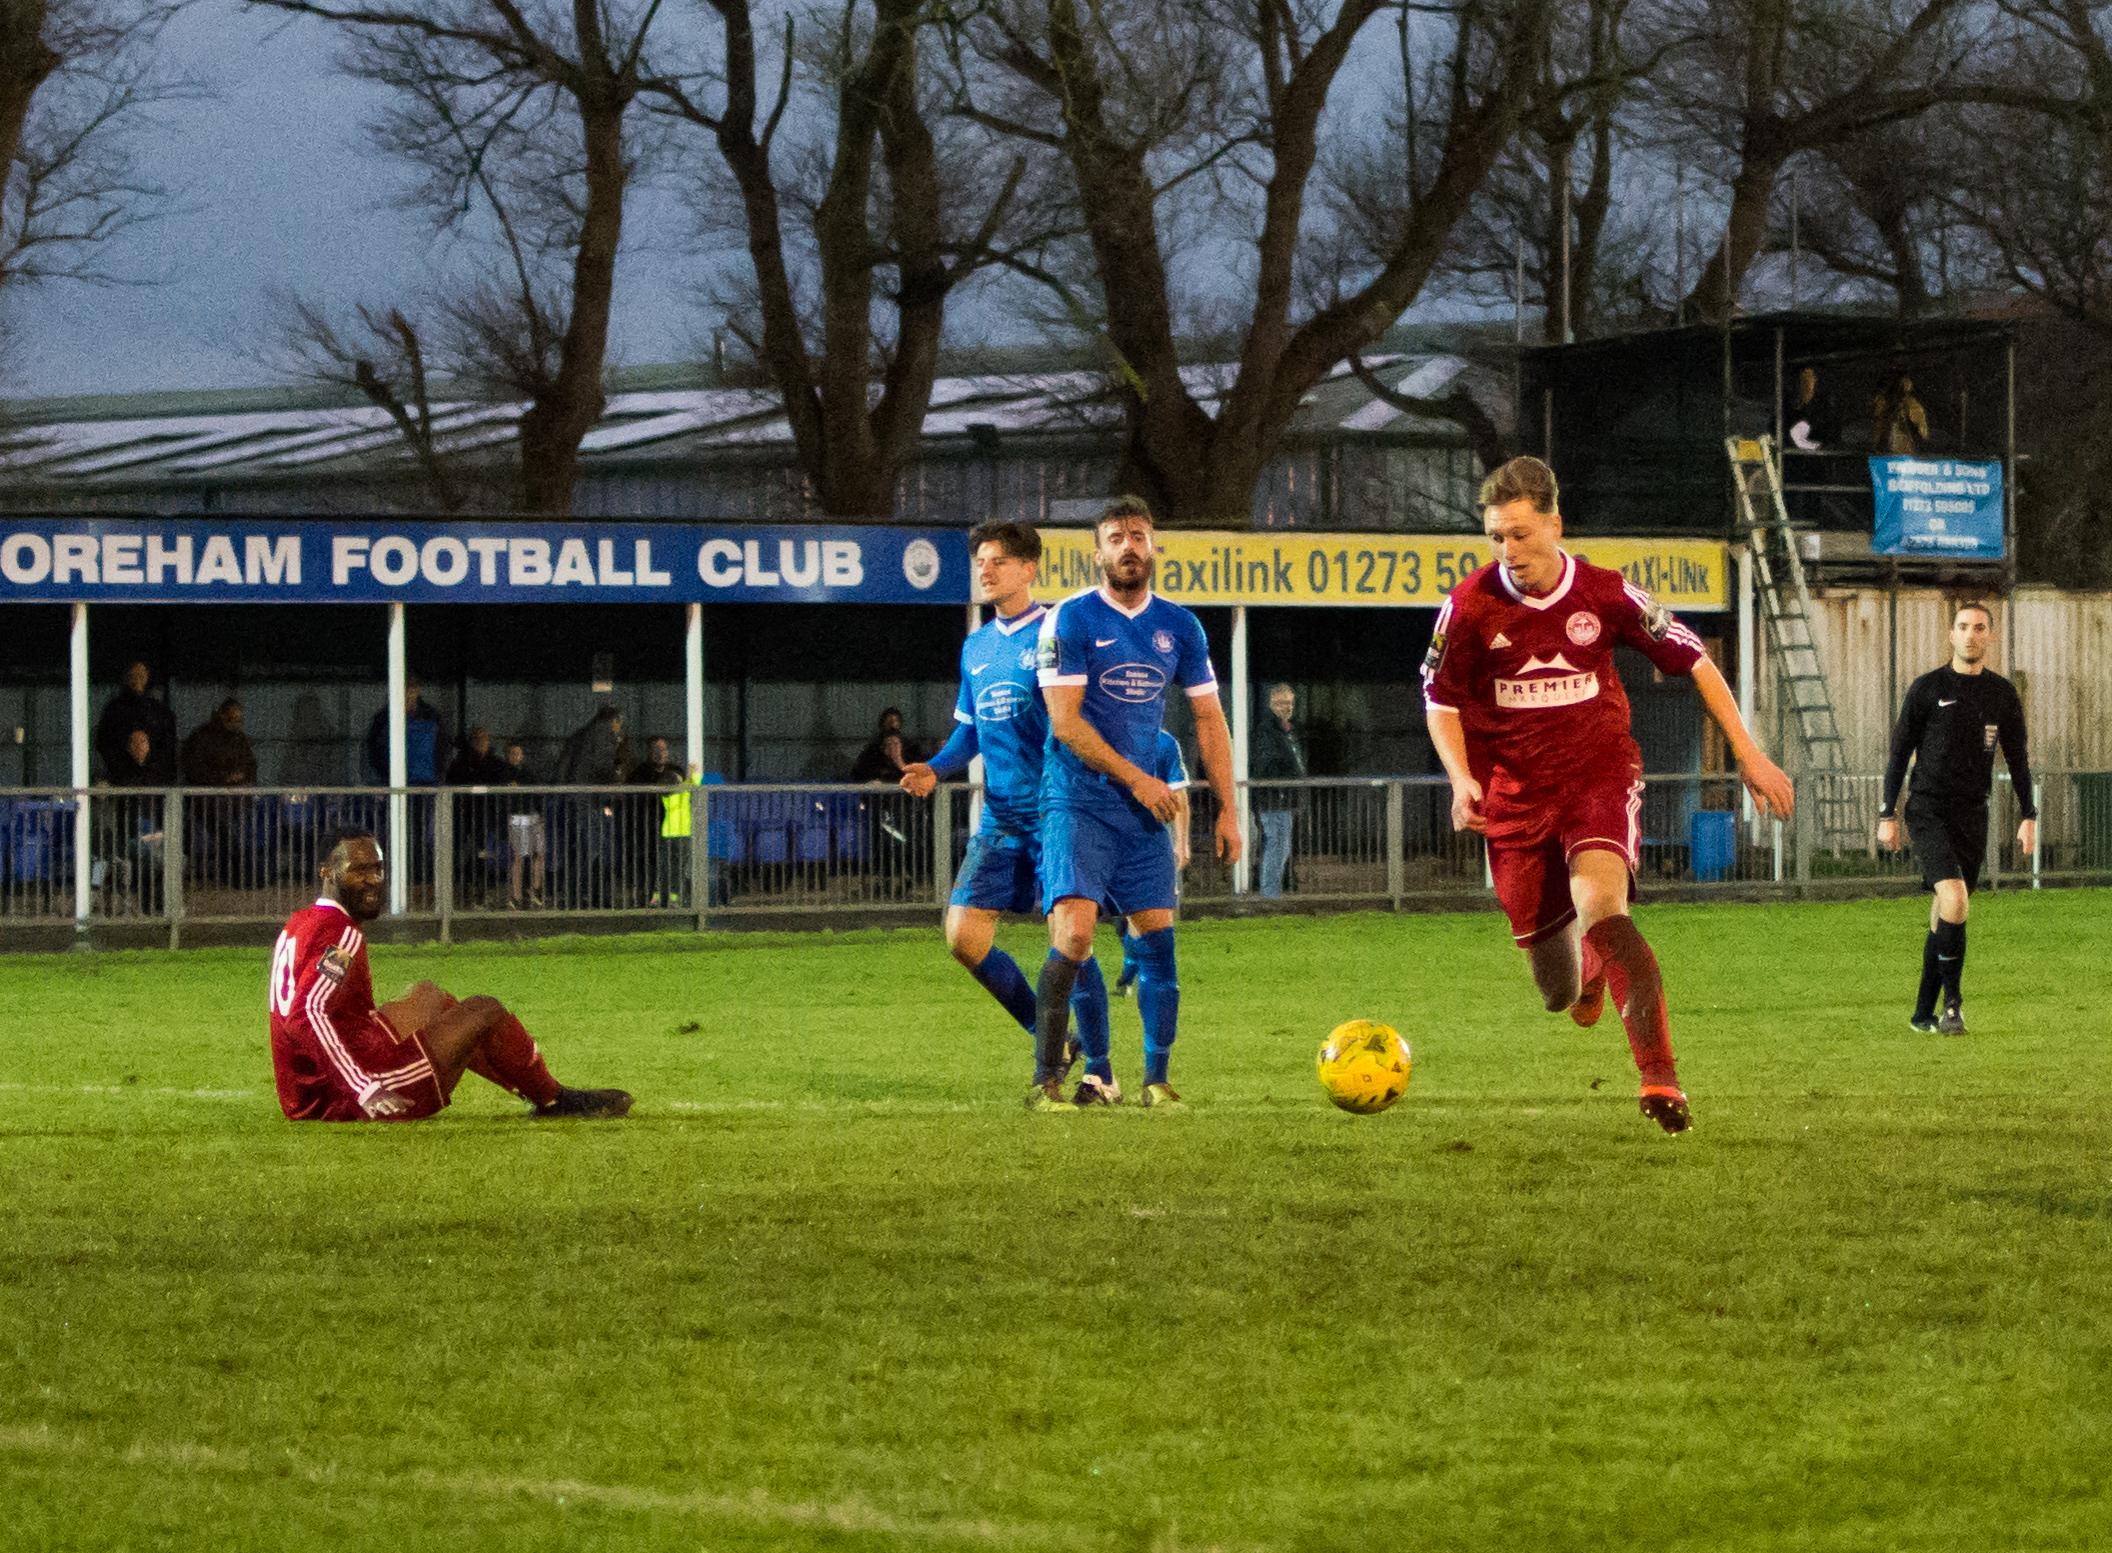 Shoreham FC vs Hythe Town 11.11.17 84